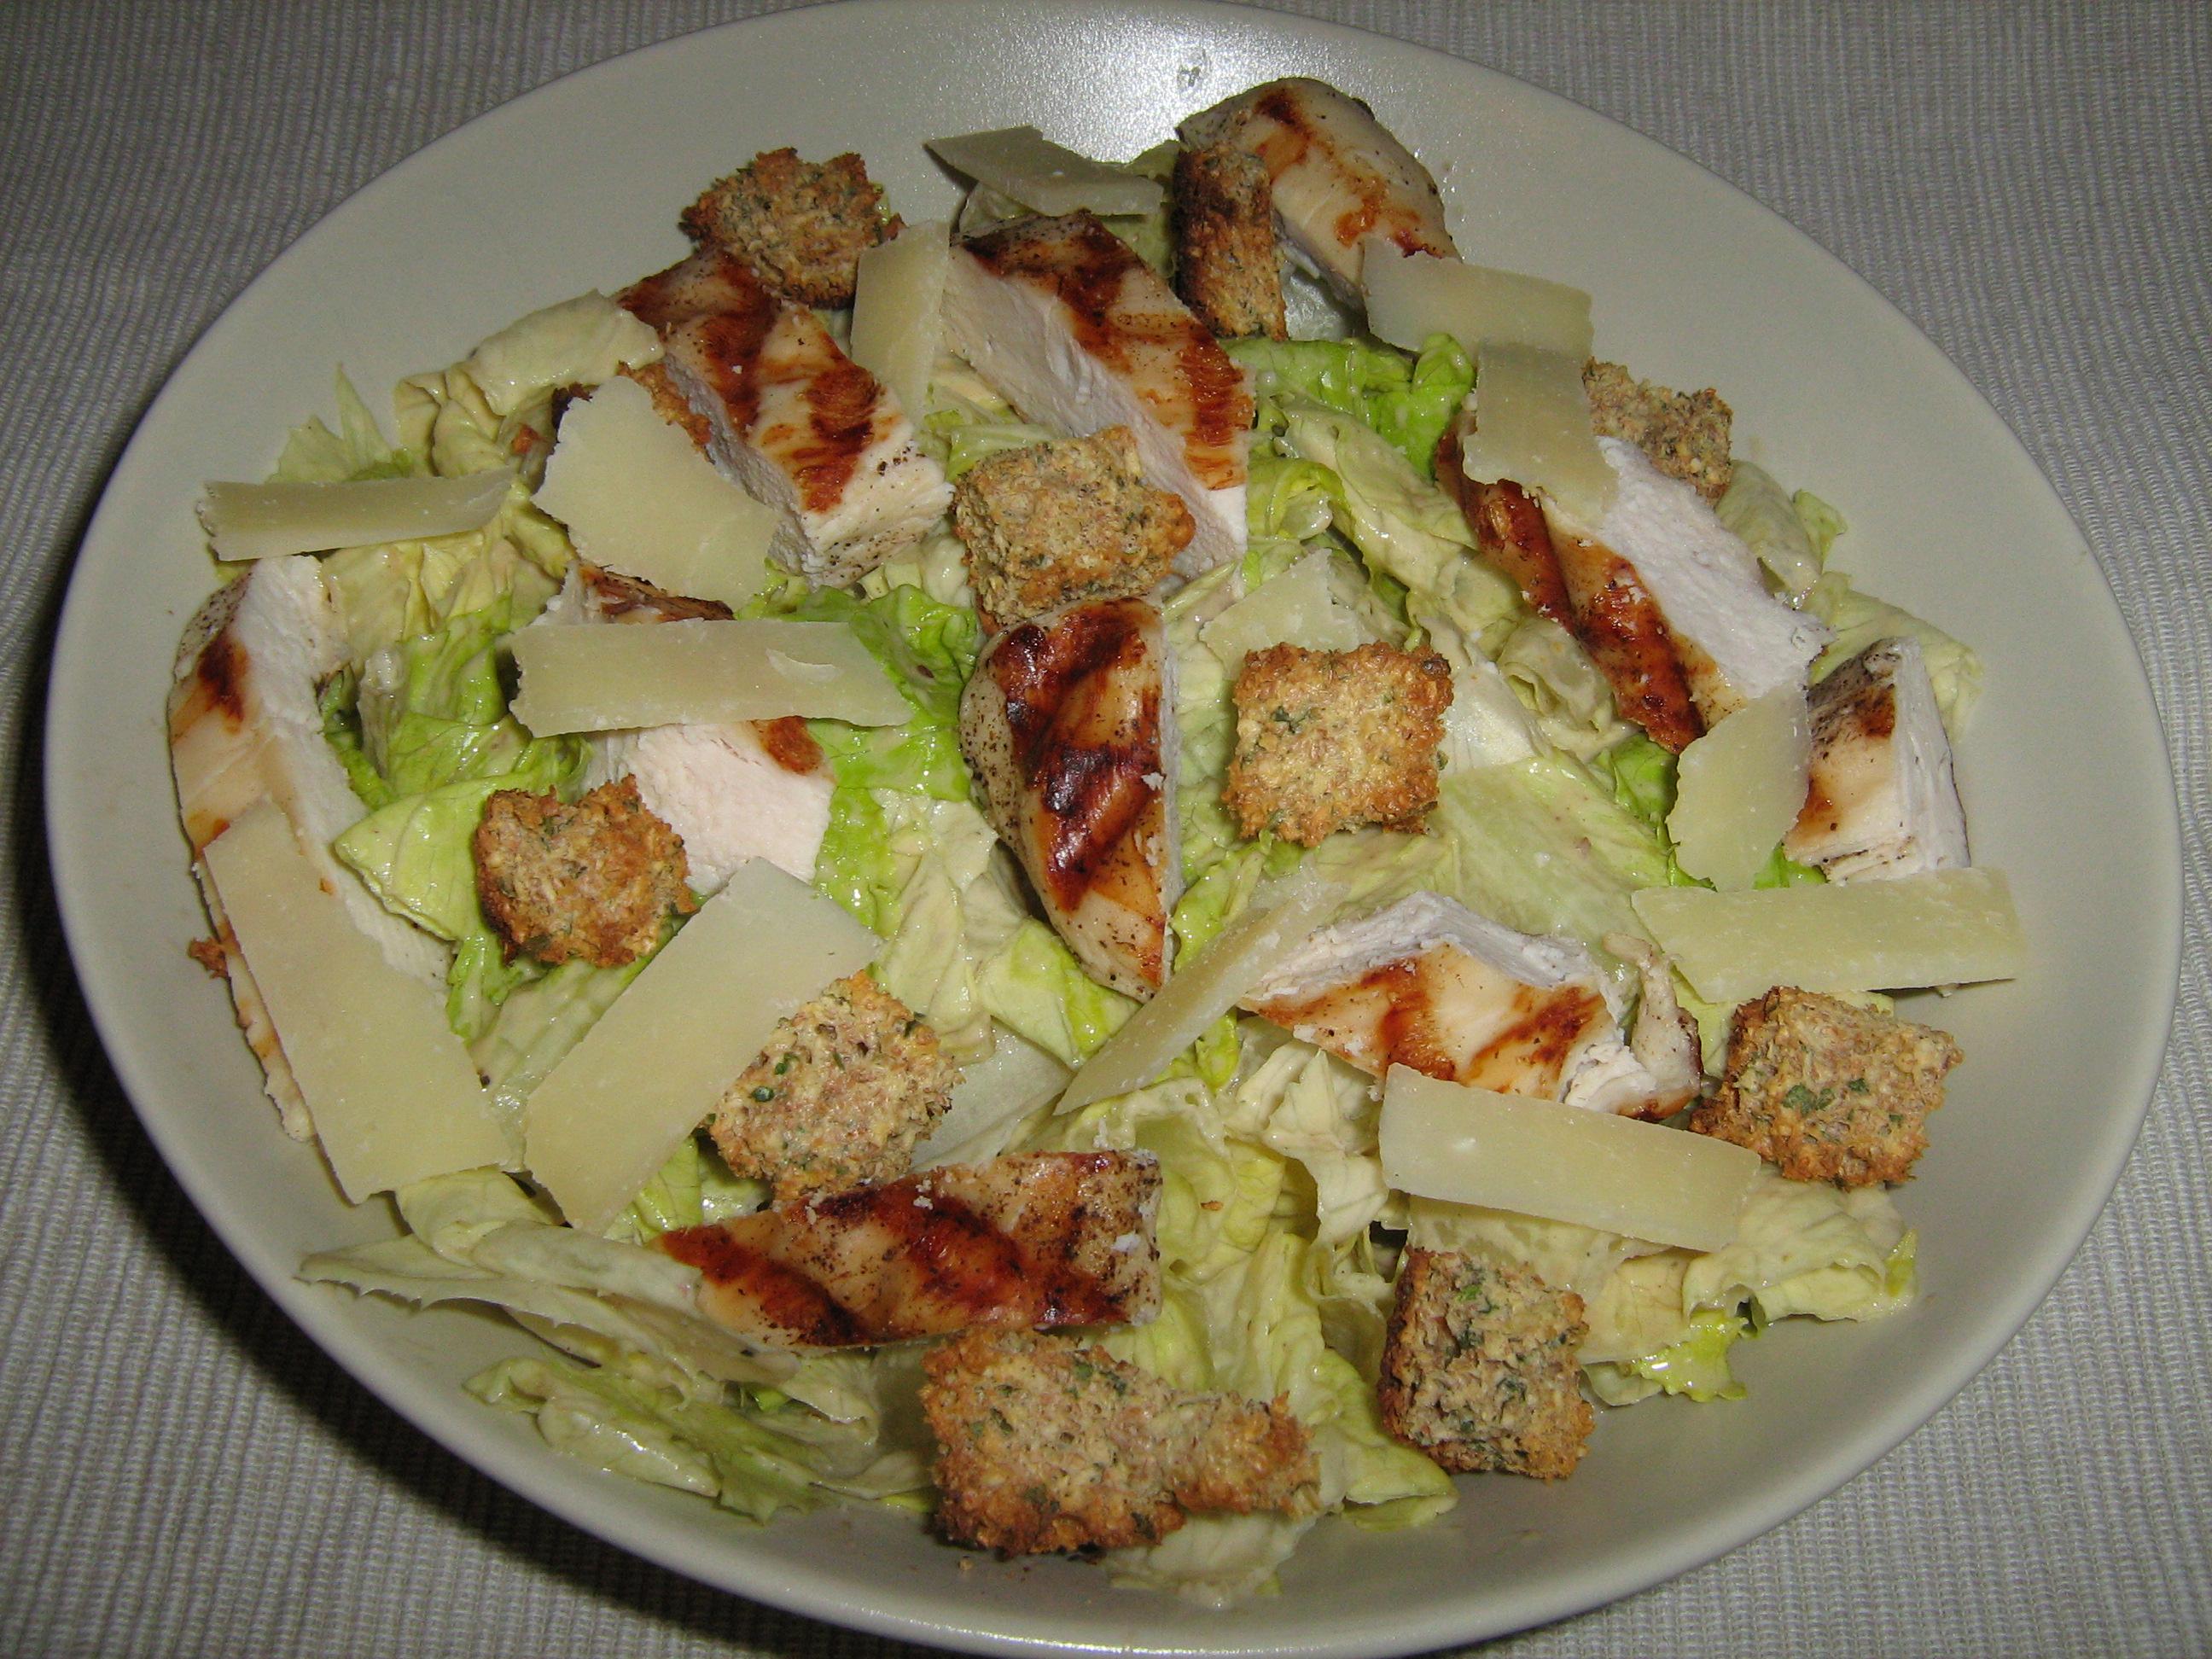 Salade c sar au poulet recettes dukan - Recette salade cesar au poulet grille ...